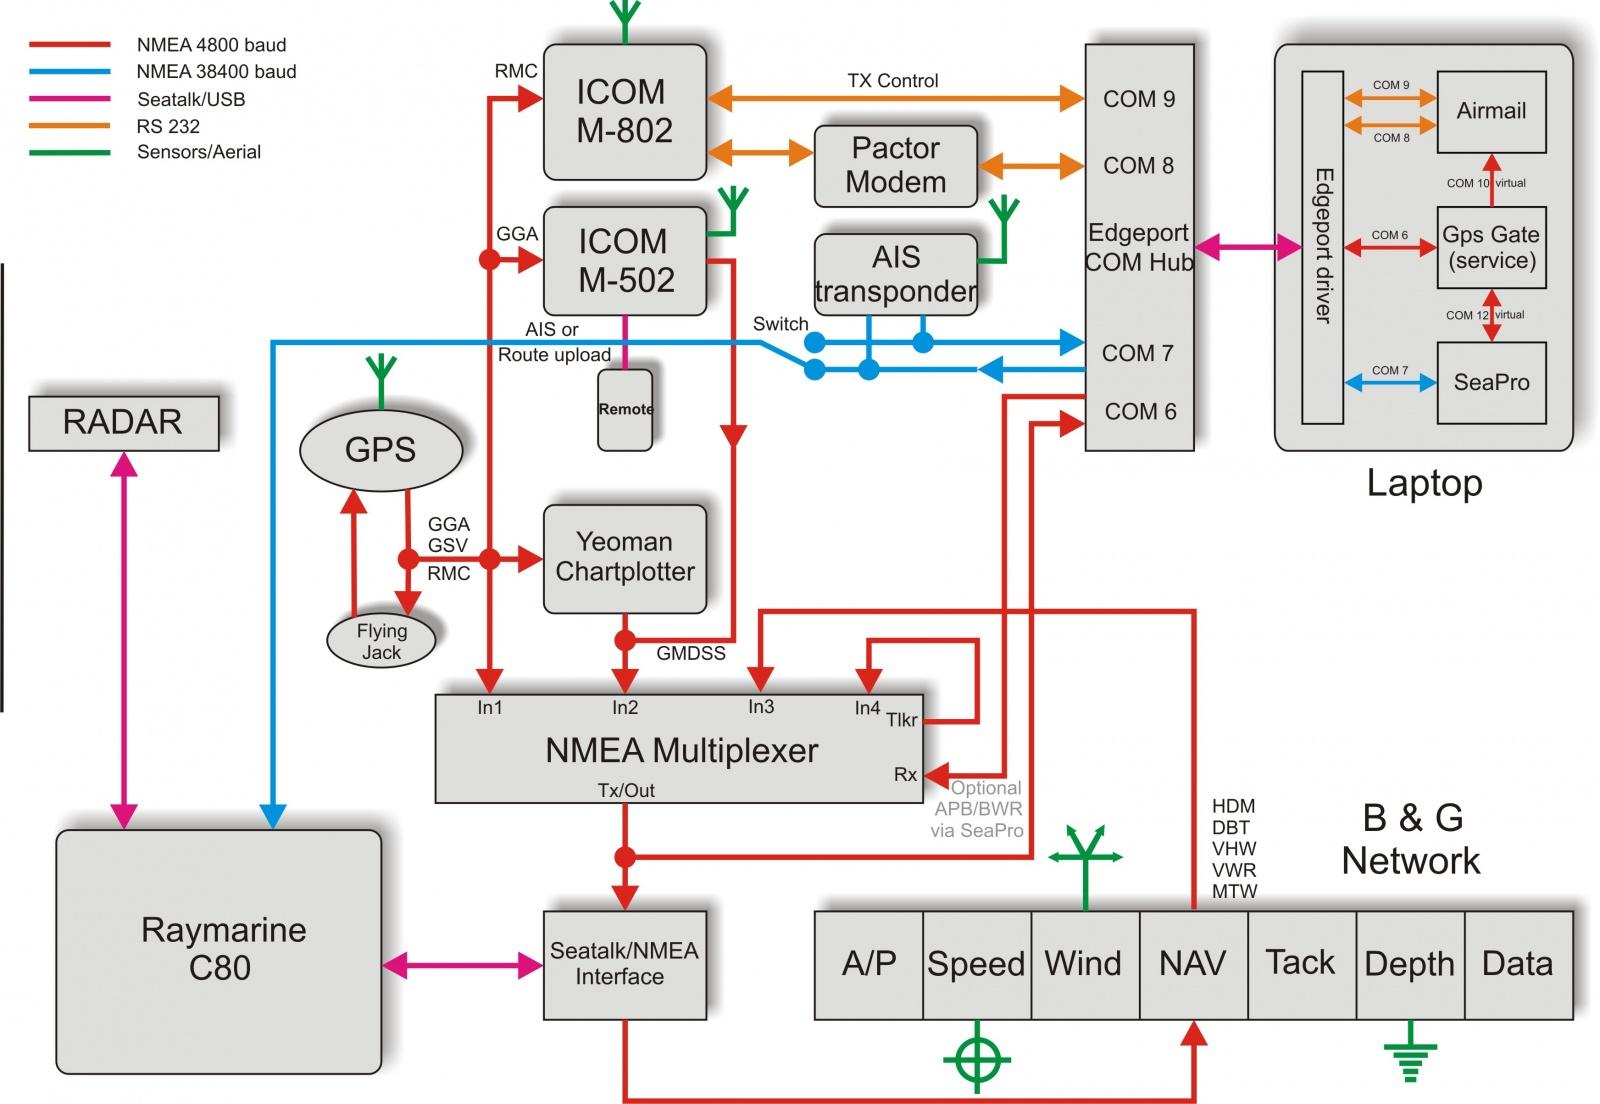 raymarine c80 wiring diagram furuno radar wiring diagrams